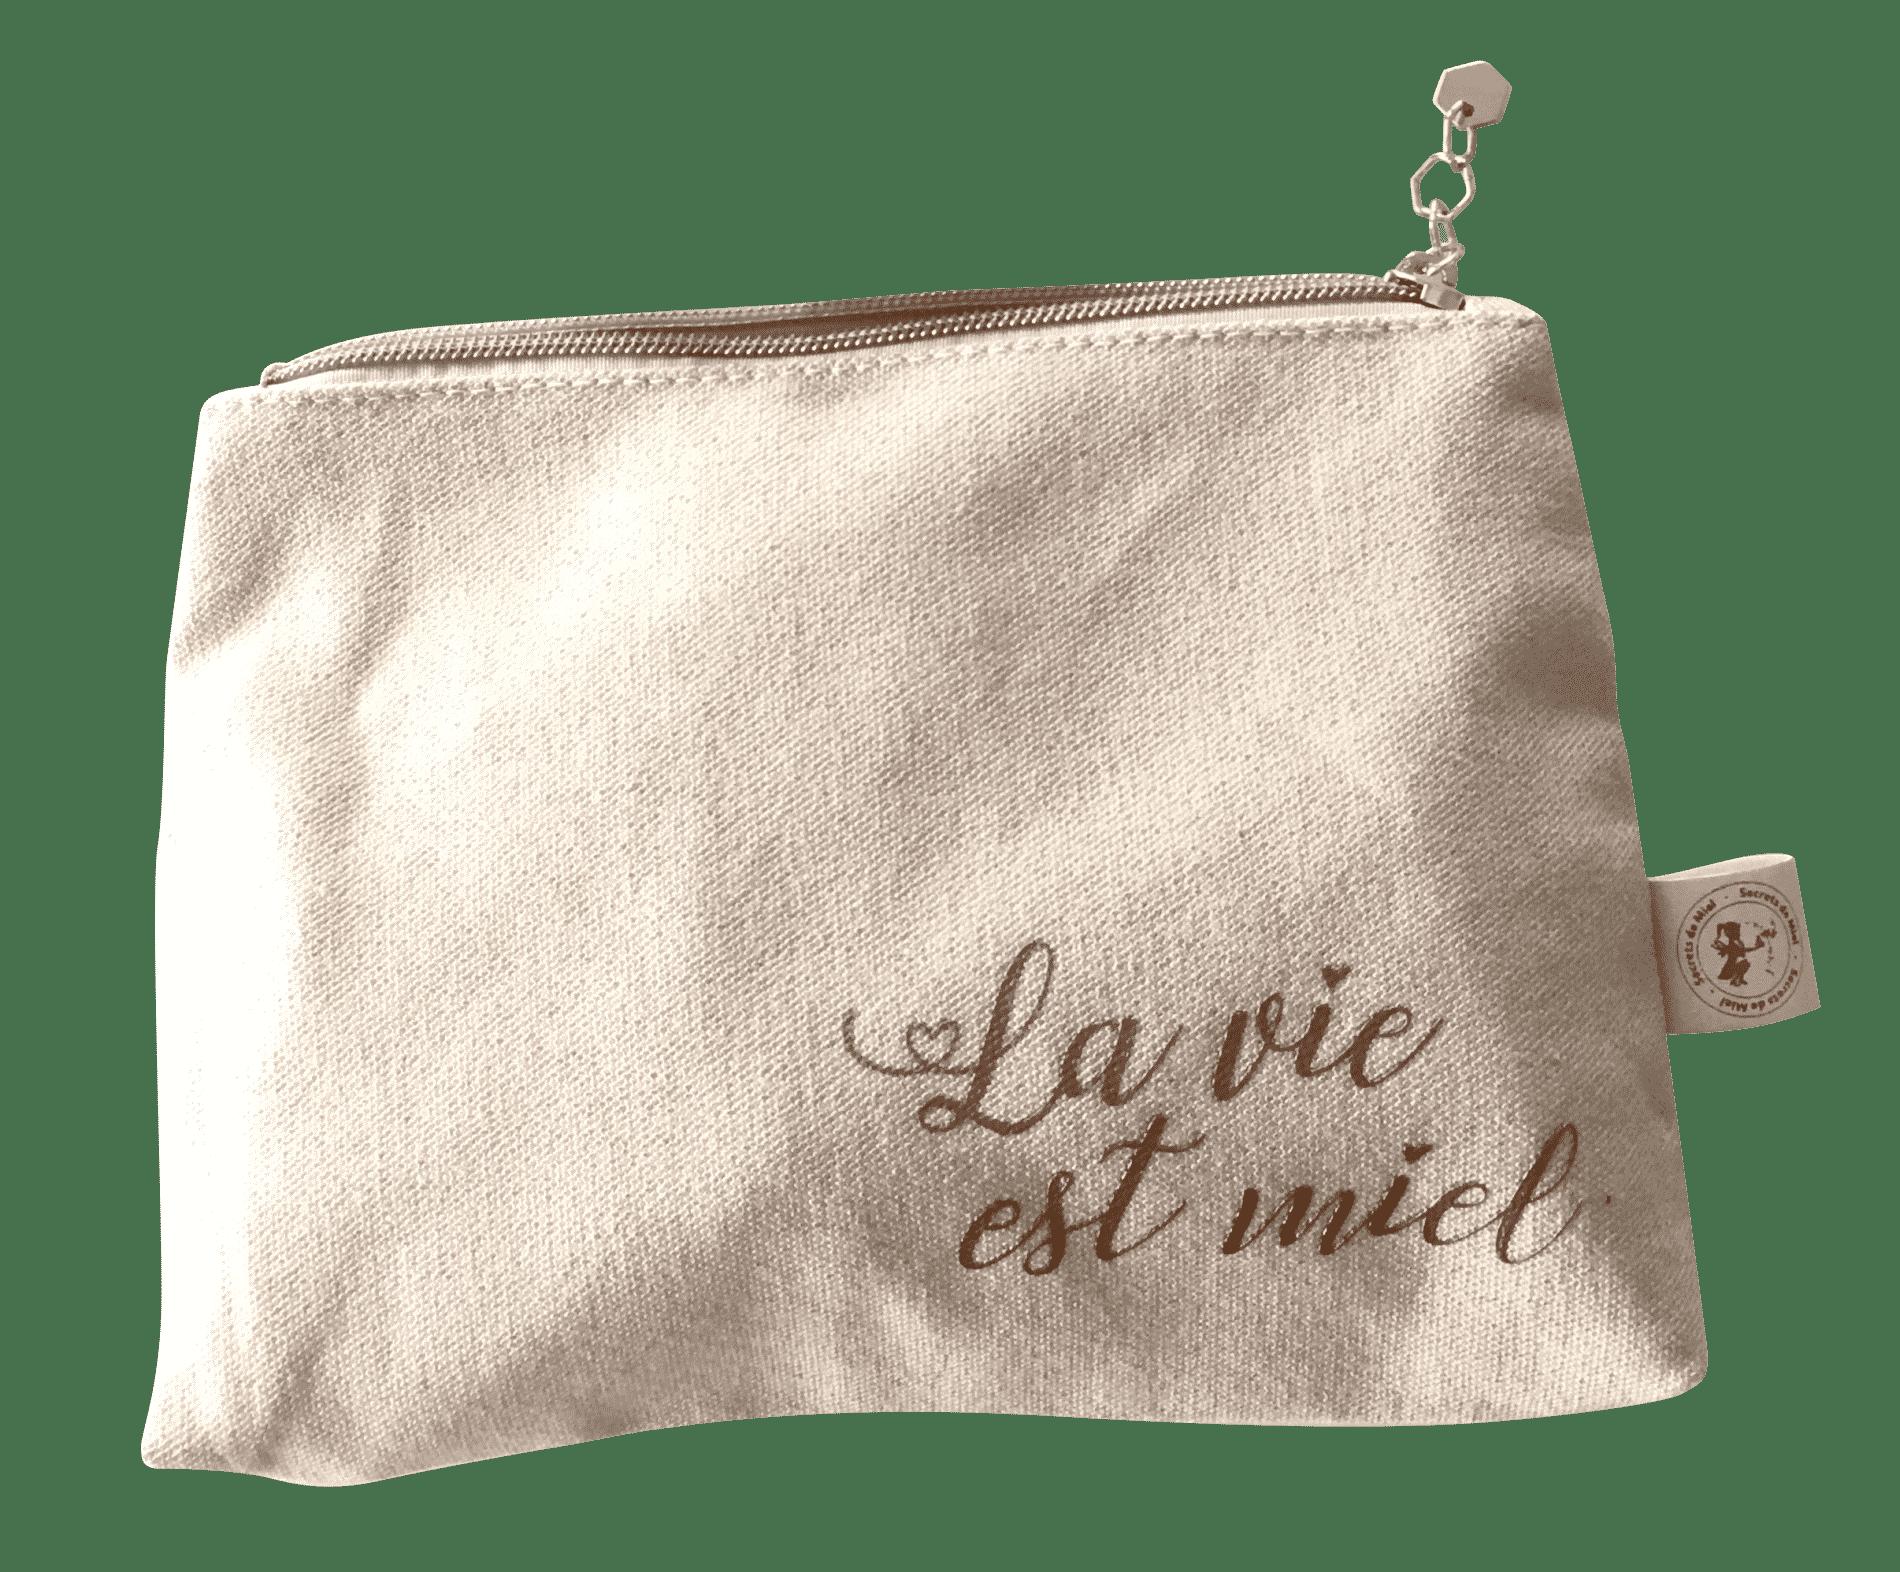 Trousse à Secrets - Composition de produit - choisir les produits - cadeau - A offrir - Belle composition - Secrets de Miel